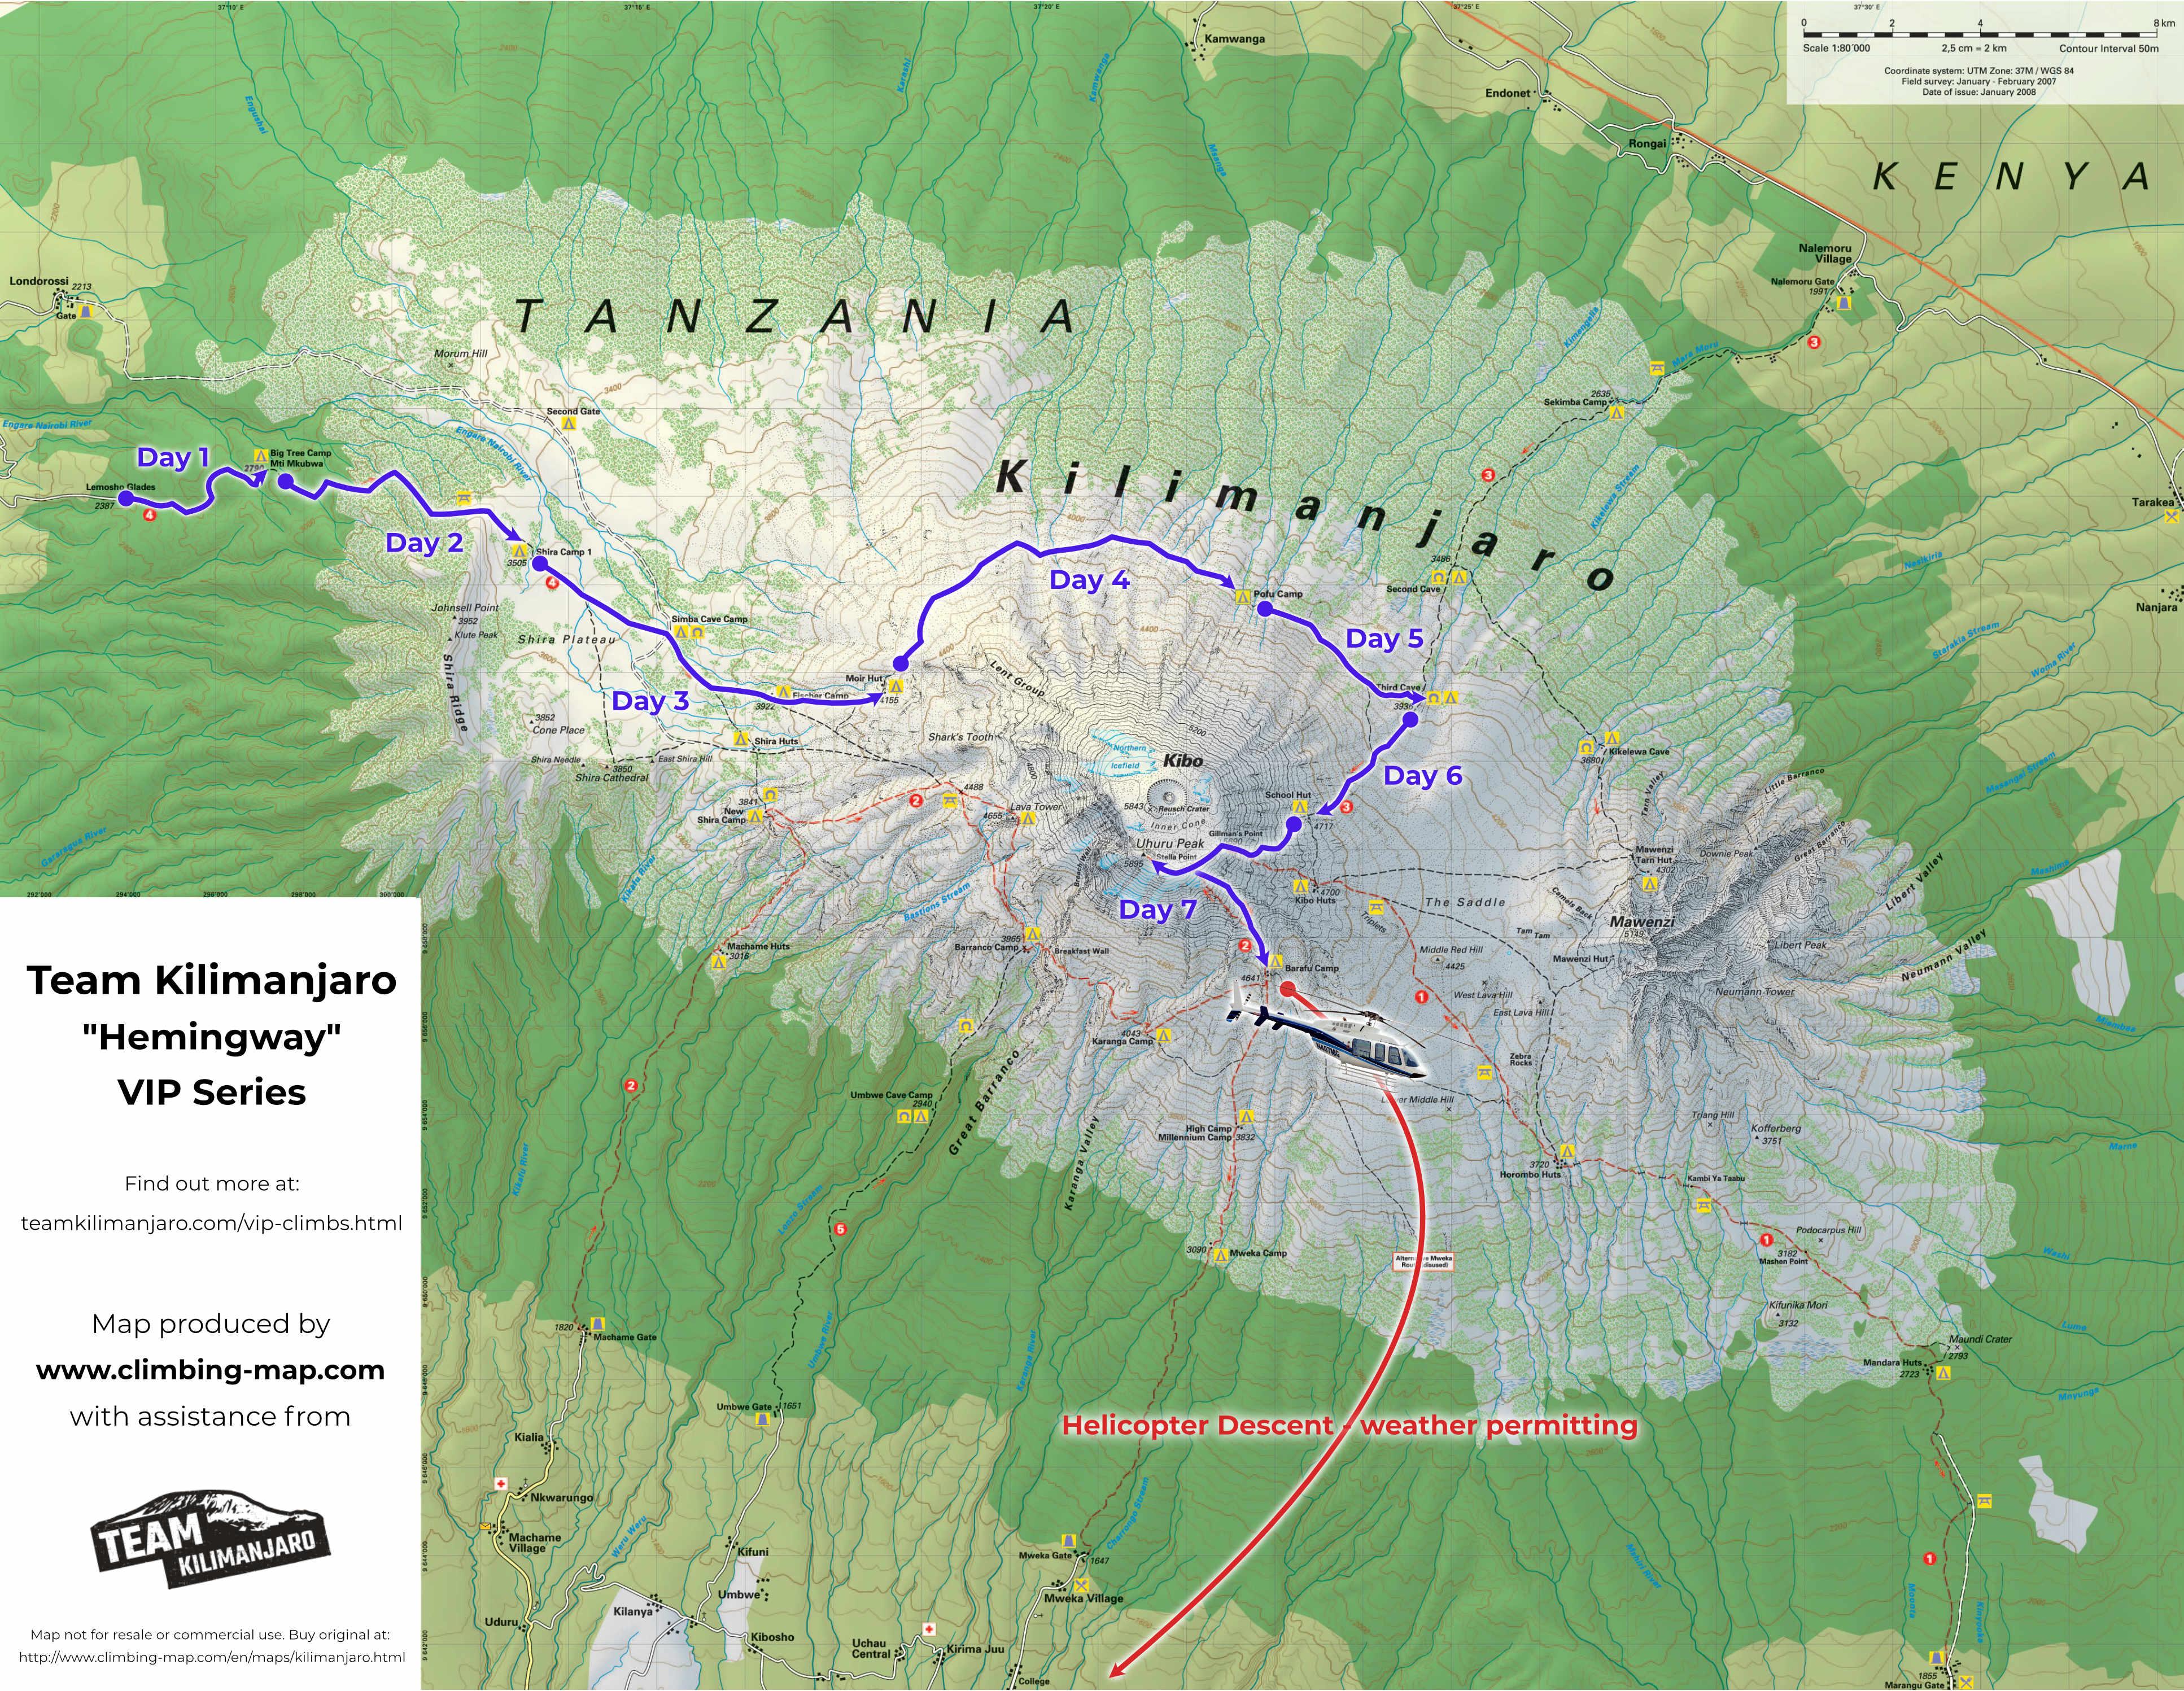 Kilimanjaro VIP Climb Route